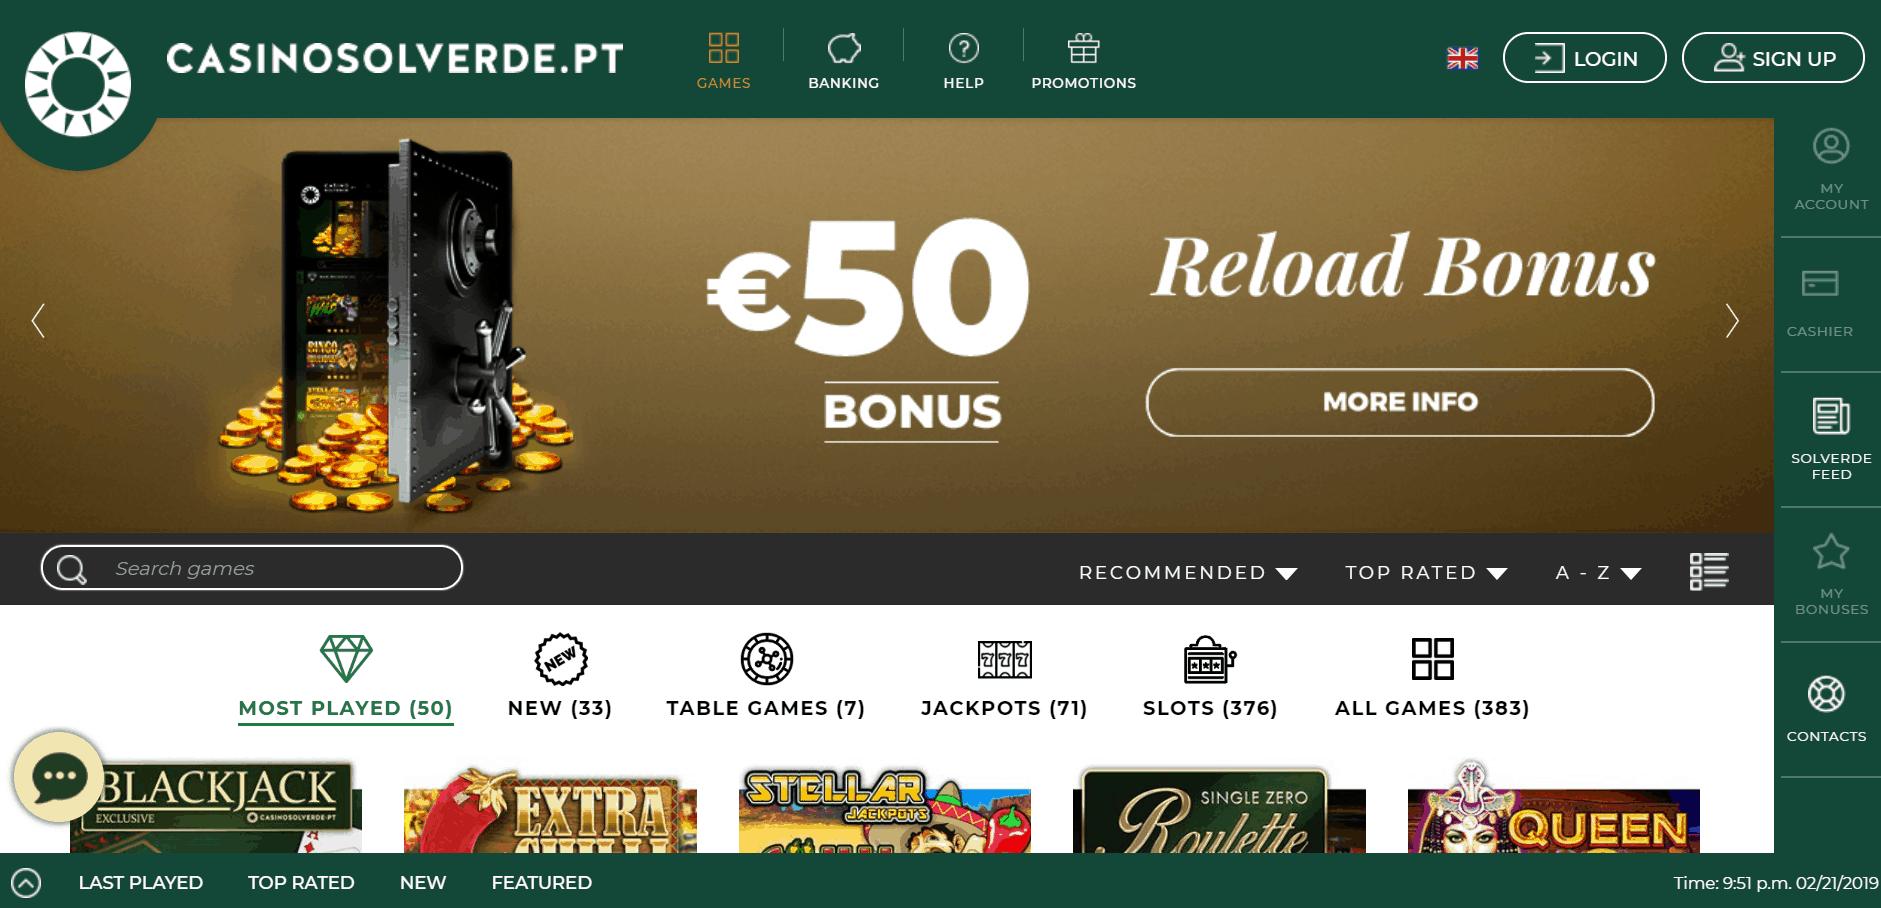 Casino Solverde desktop